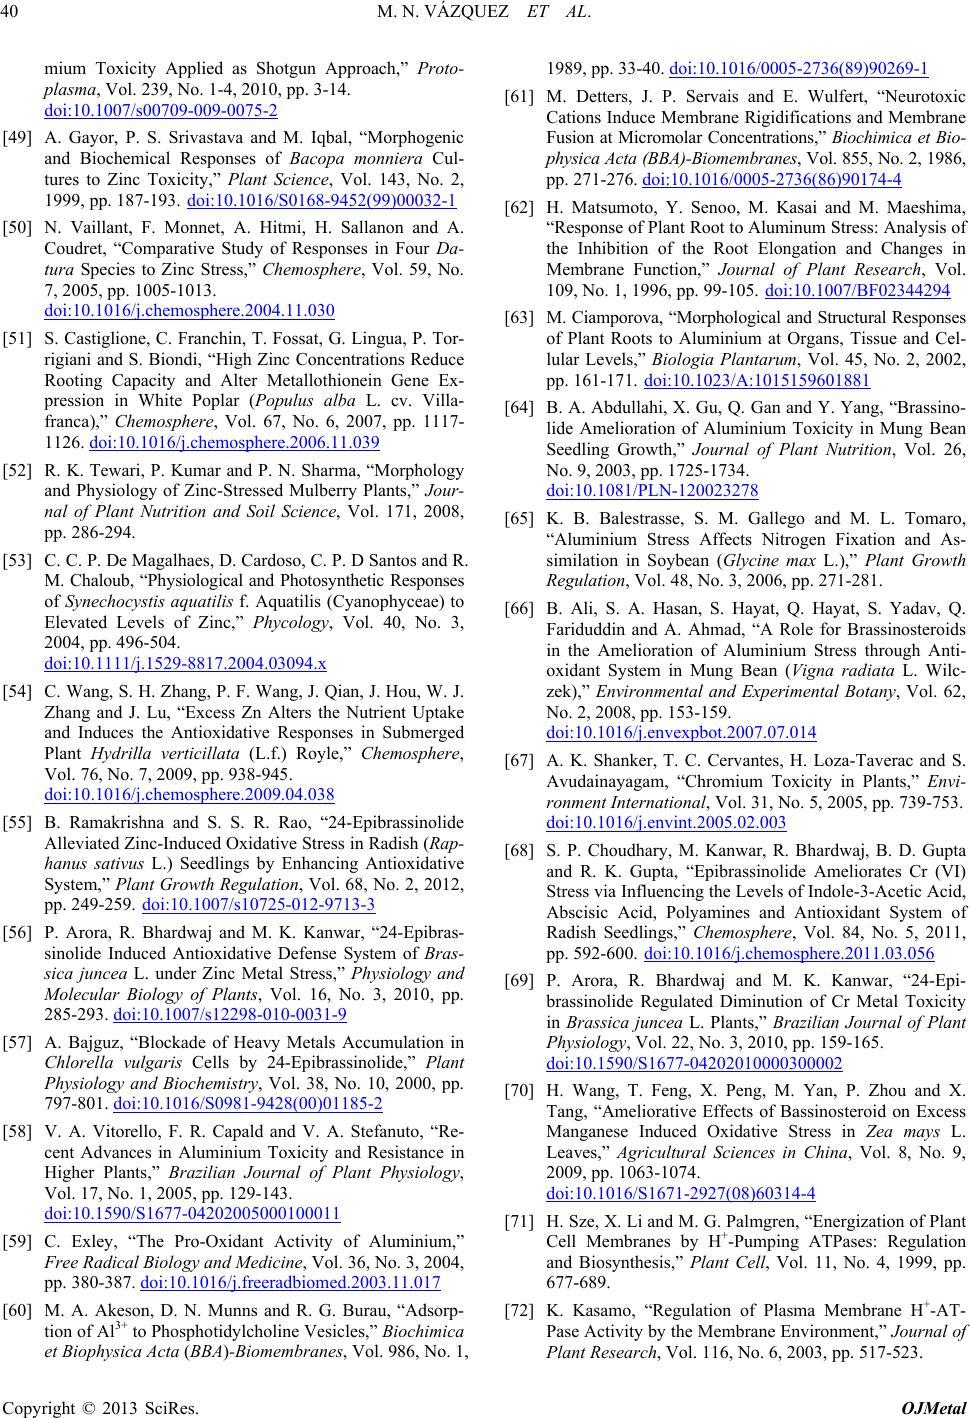 feng wang et al 2013